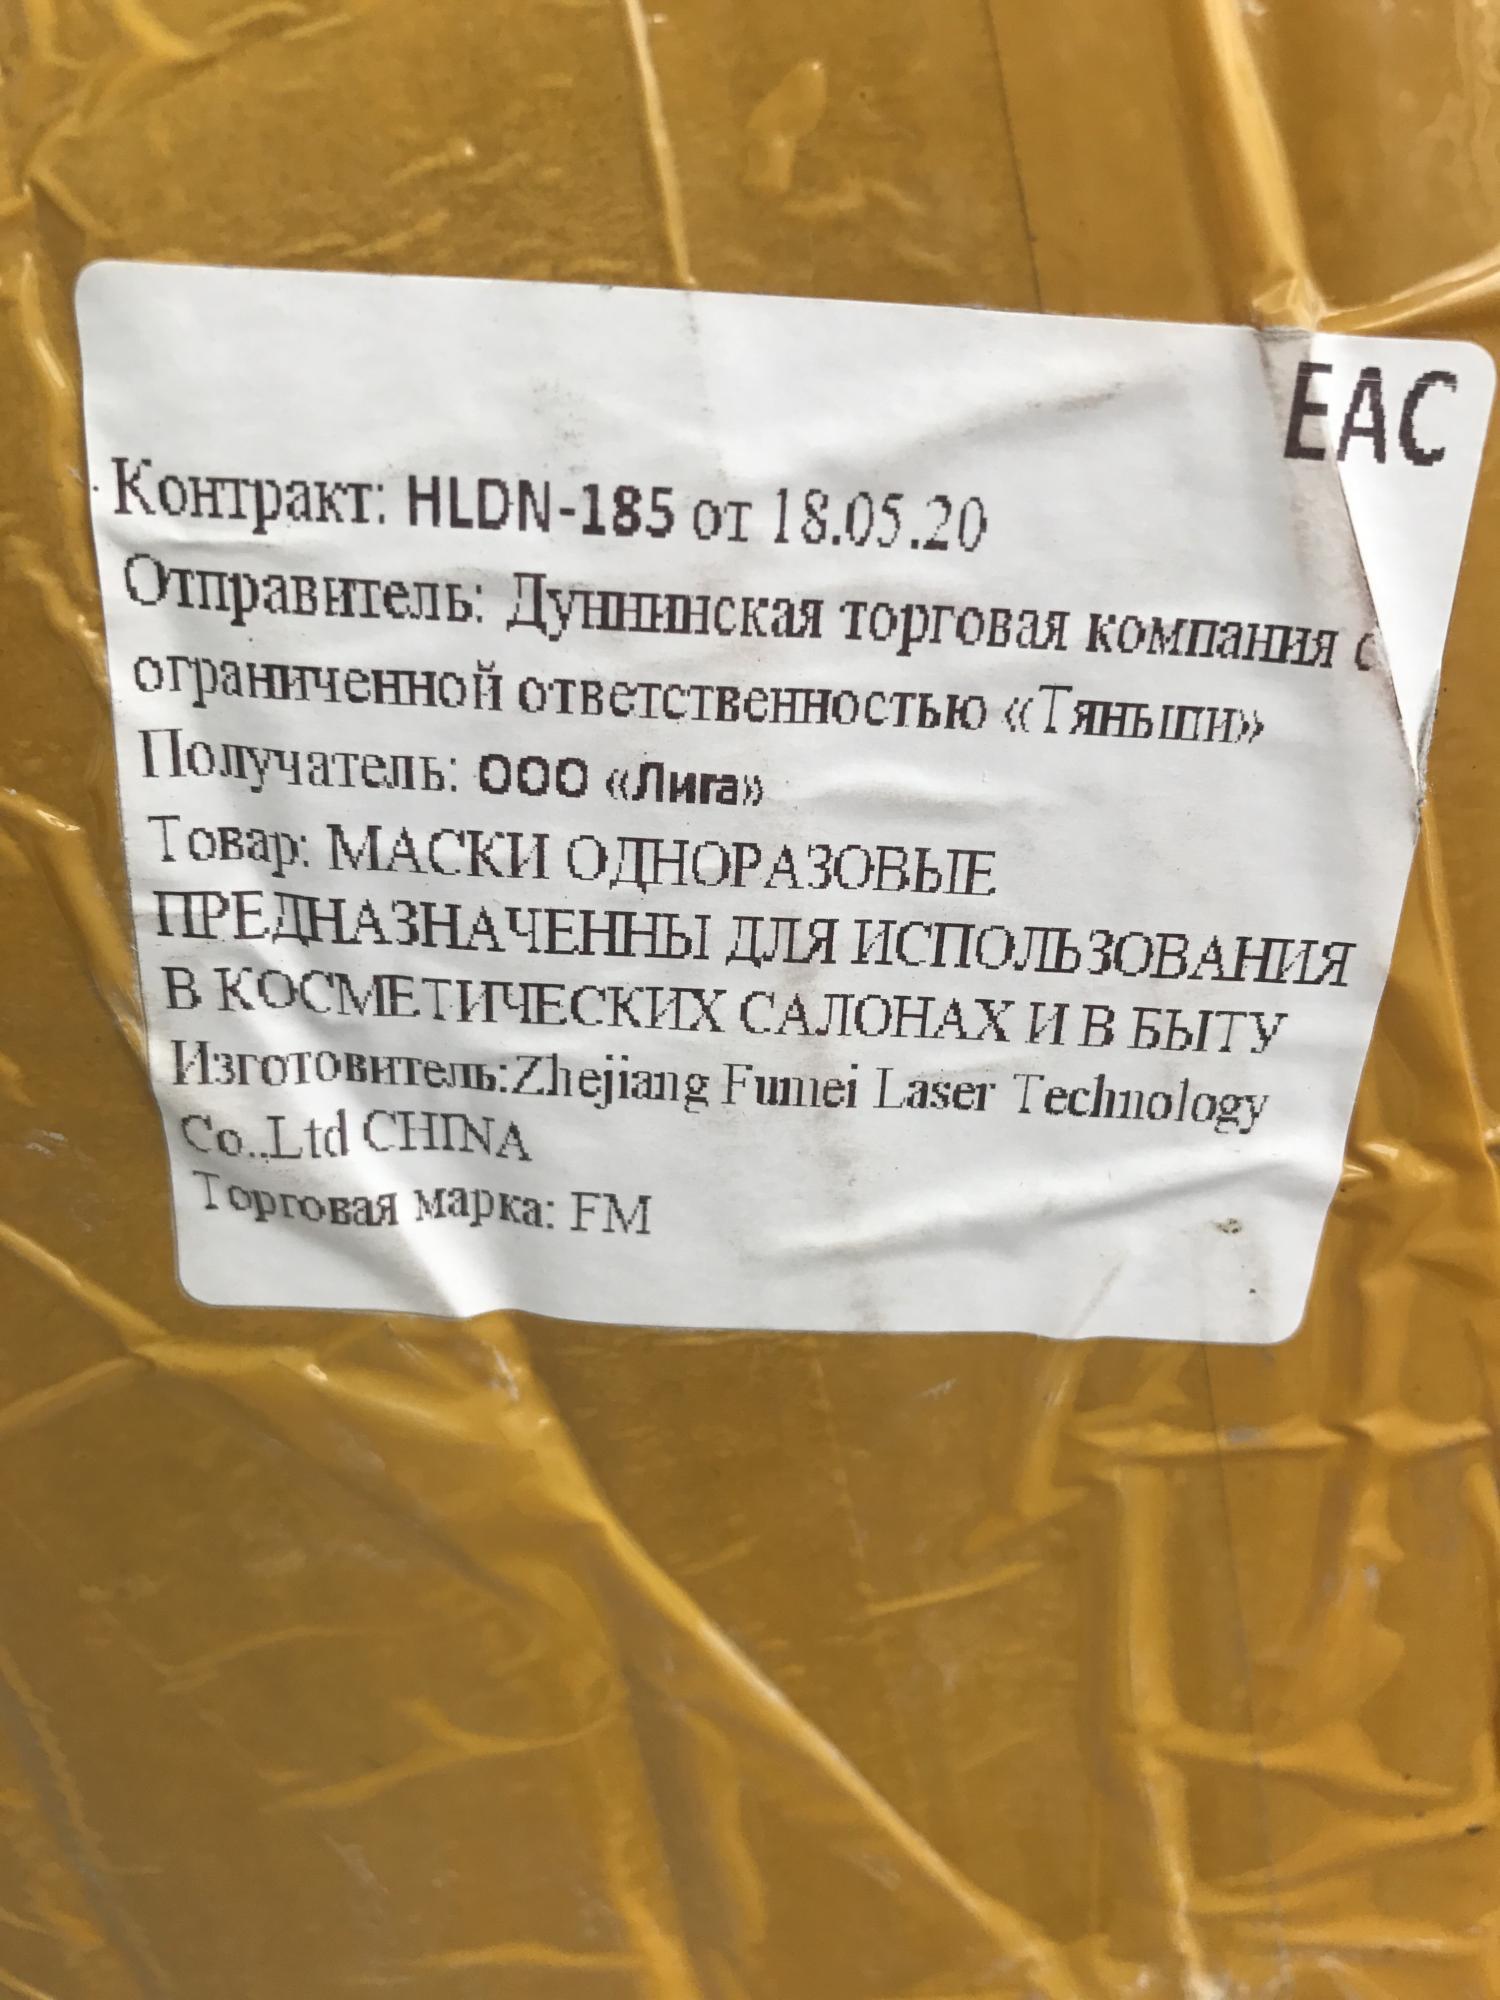 Маски одноразовые гигиенические в Москве 89663334776 купить 5